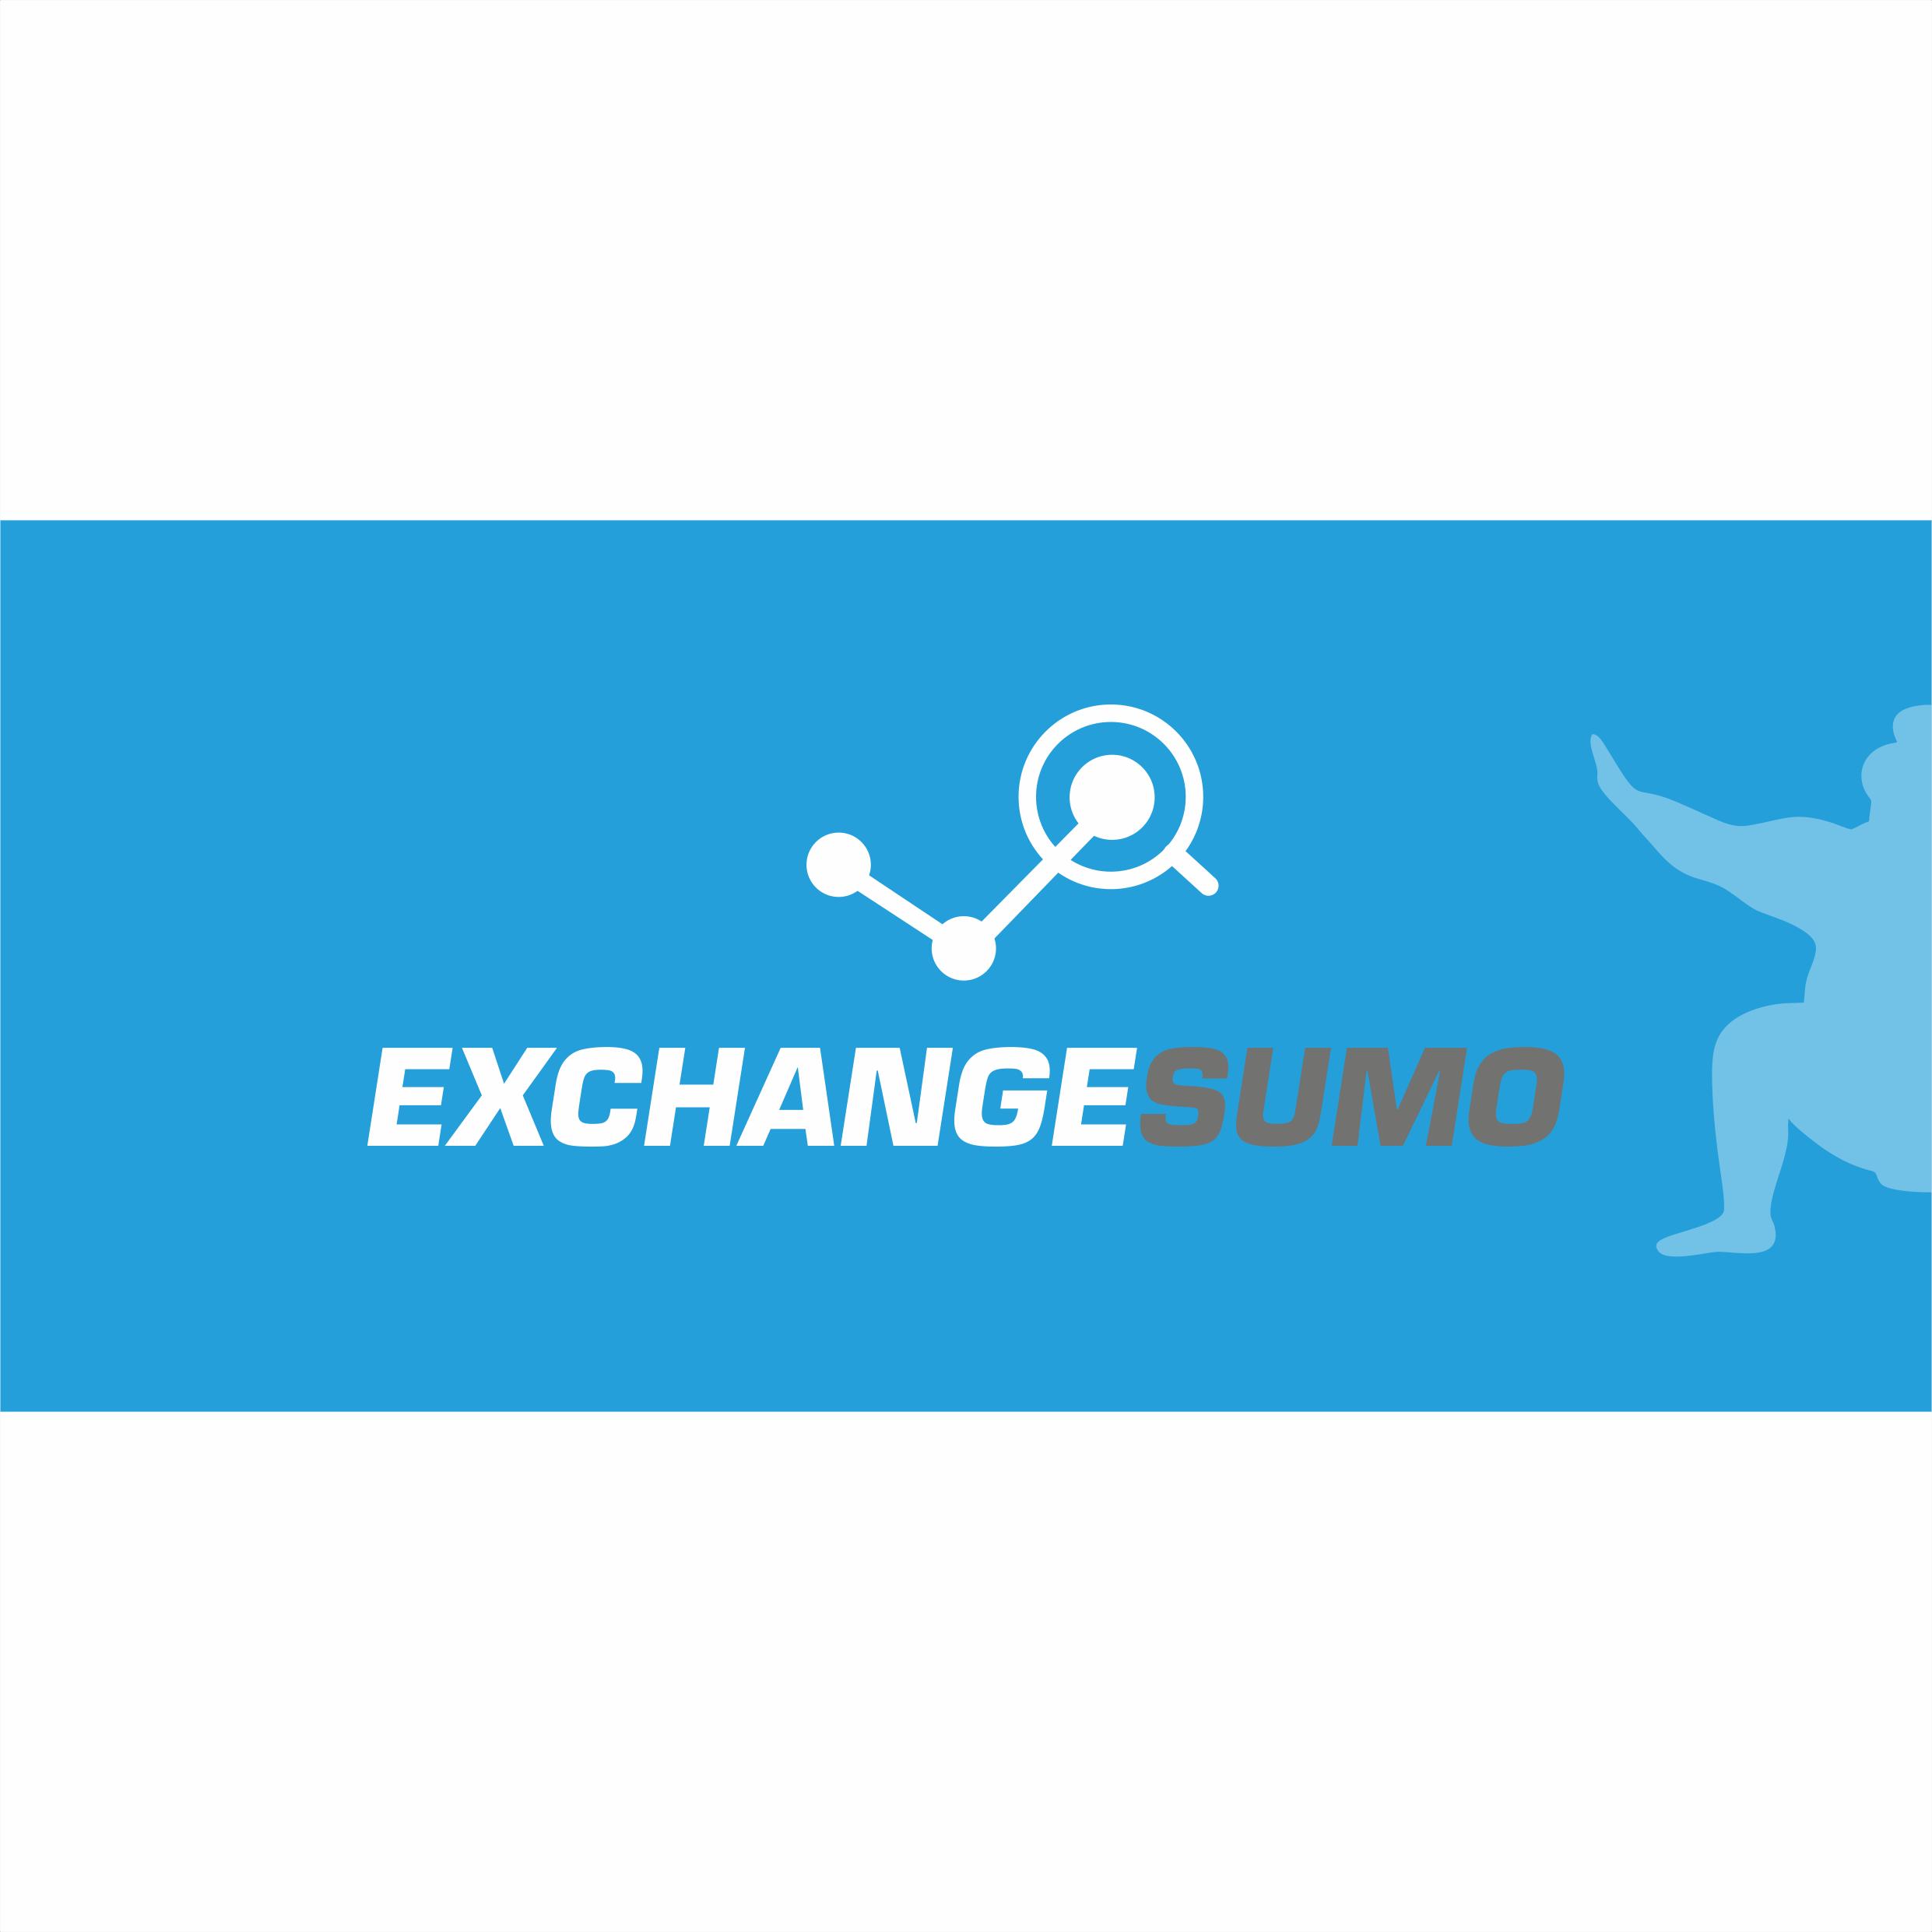 Логотип для мониторинга обменников фото f_5495bb230f2101c3.png